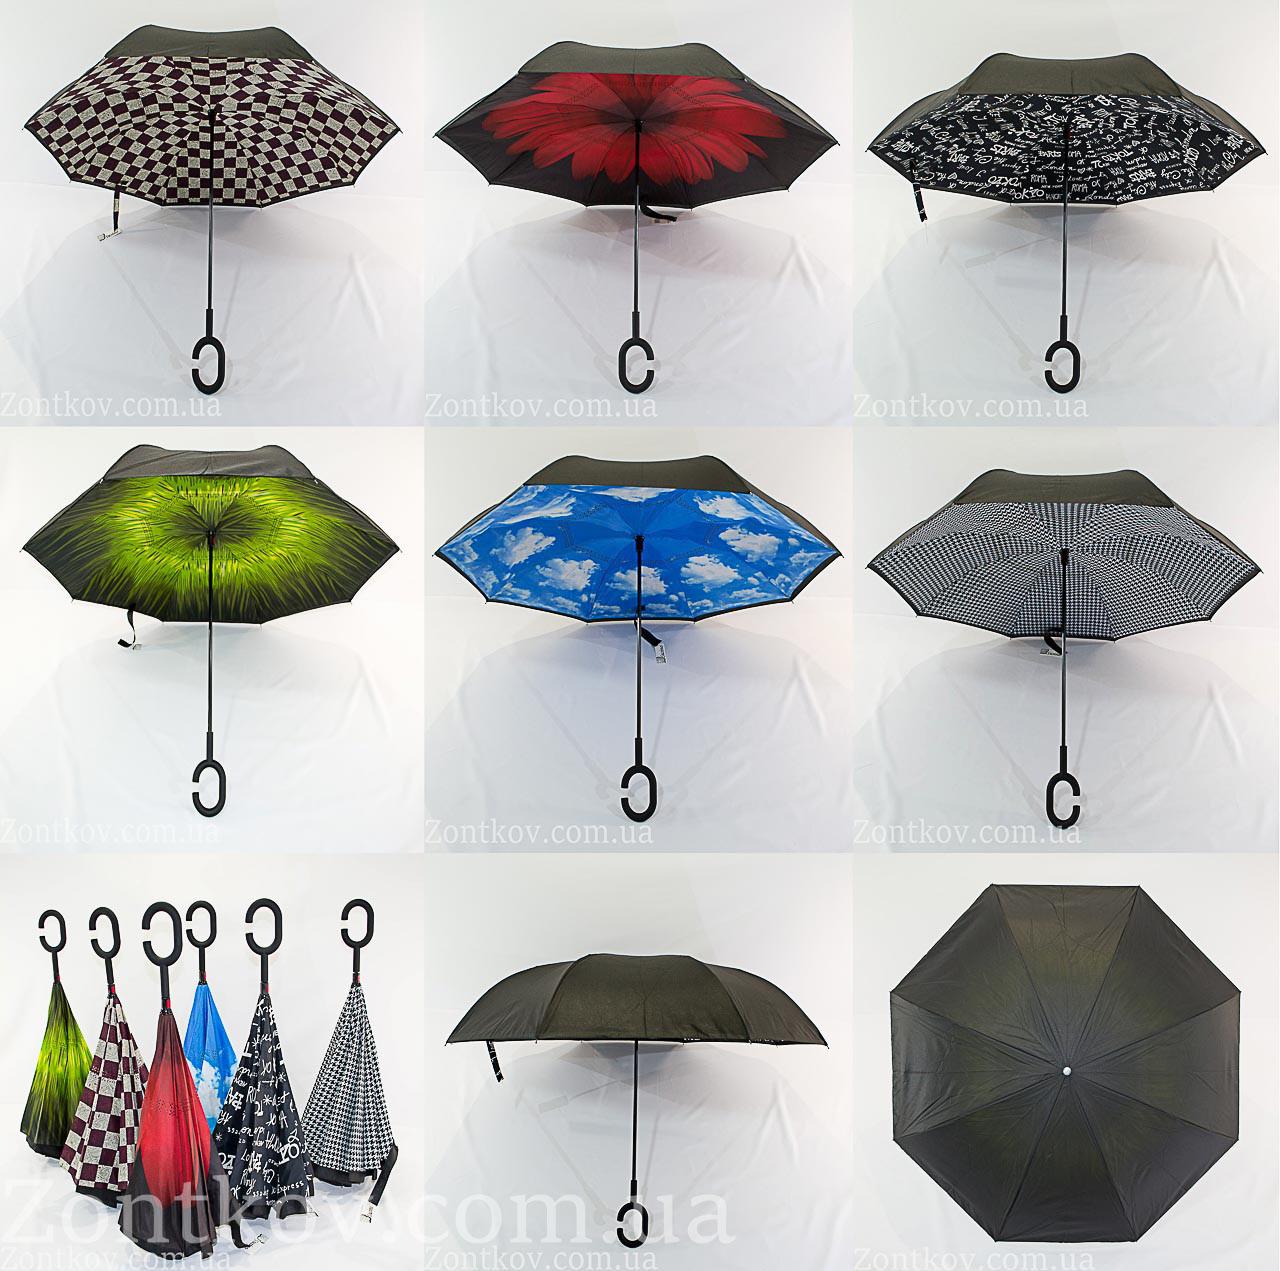 """Зонтик """"Smart"""" оптом с обратным сложением от фирмы """"Susino"""""""